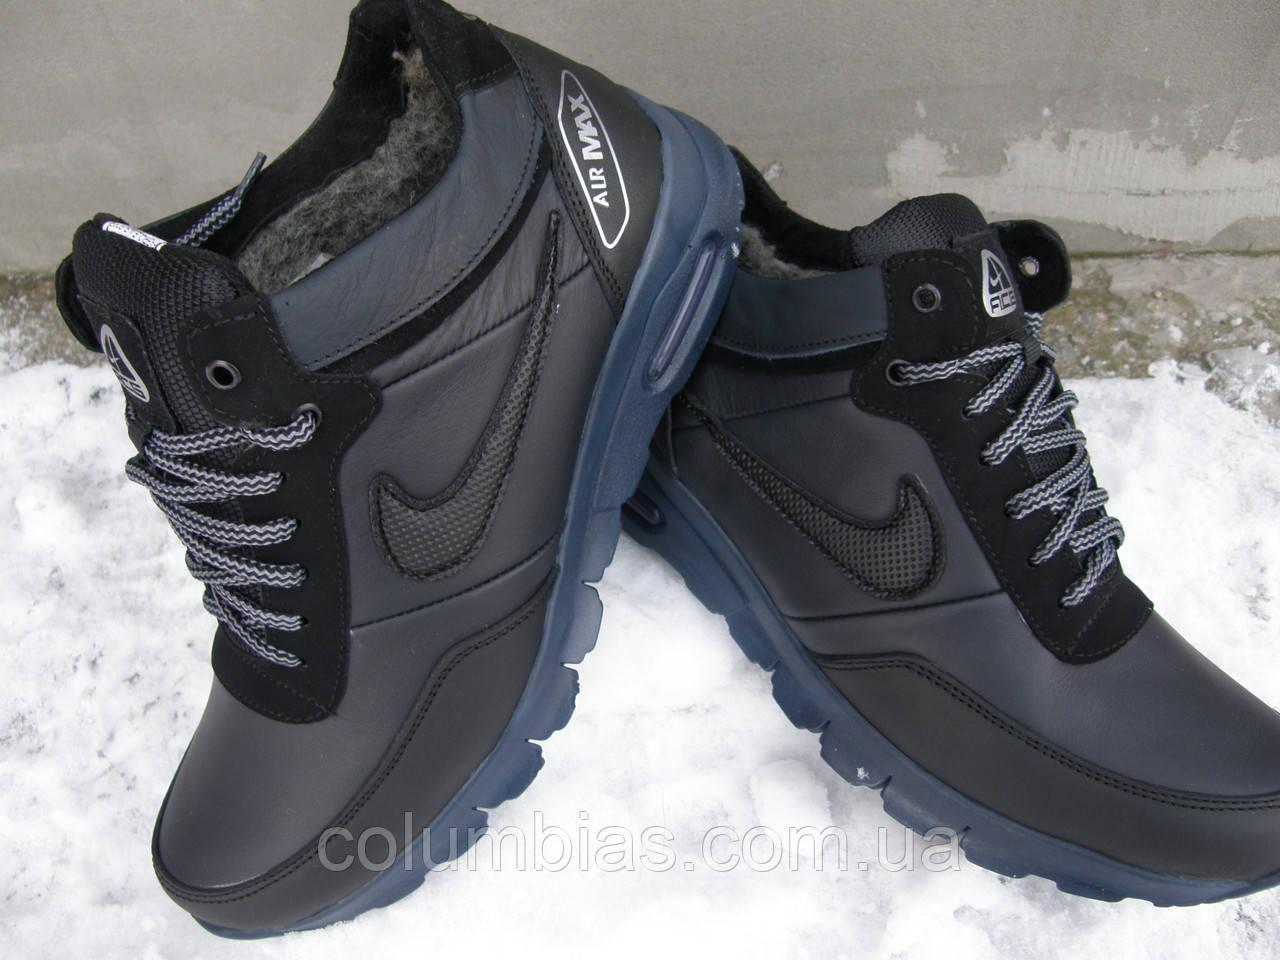 f268a0dd Кожаные кроссовки зима Nike нк-99, цена 1 100 грн., купить Новомосковск и  Днепропетровск — Prom.ua (ID#451815816)